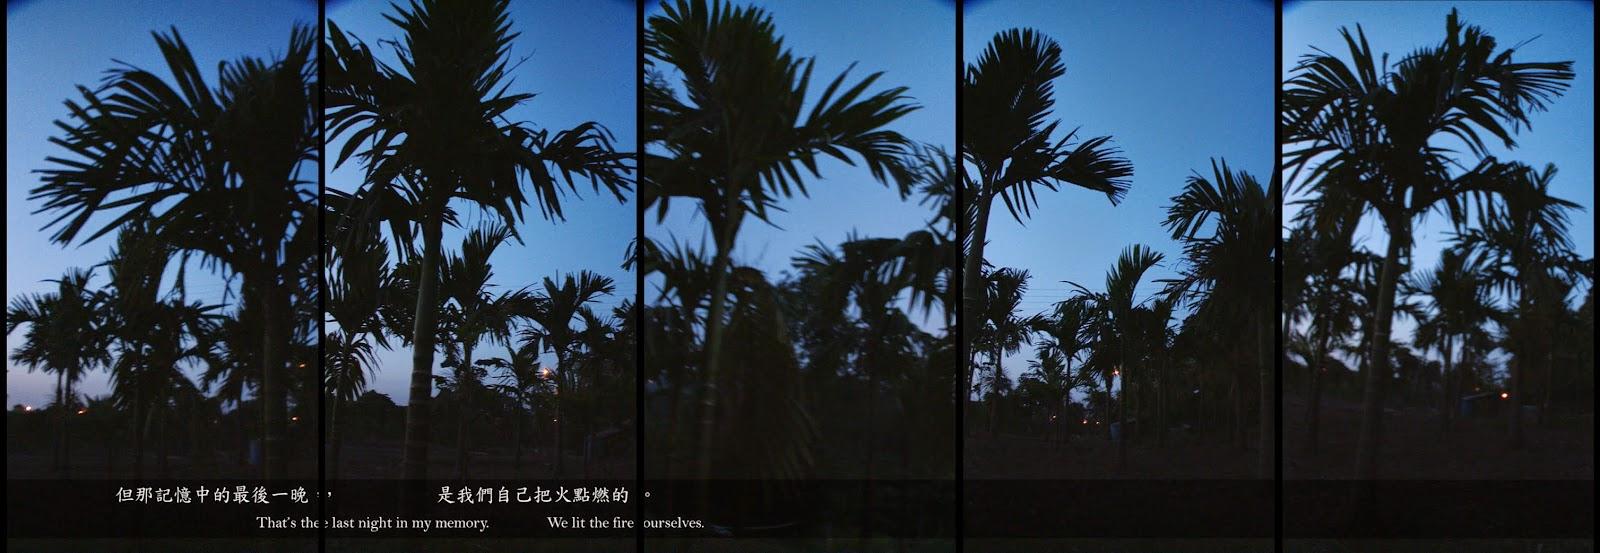 foto chia wei hsu